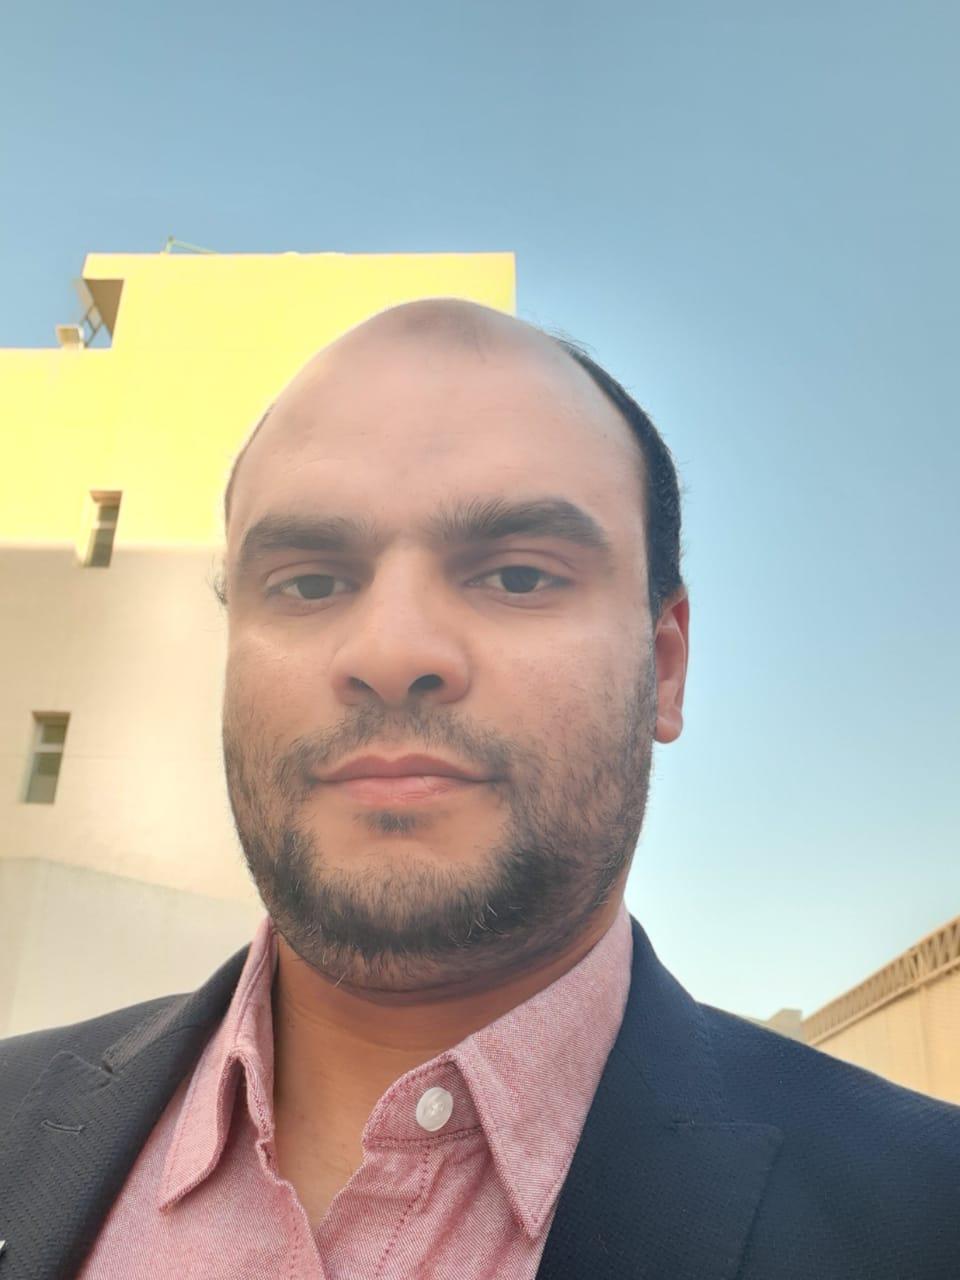 Mohamed Ezzat Abuozied